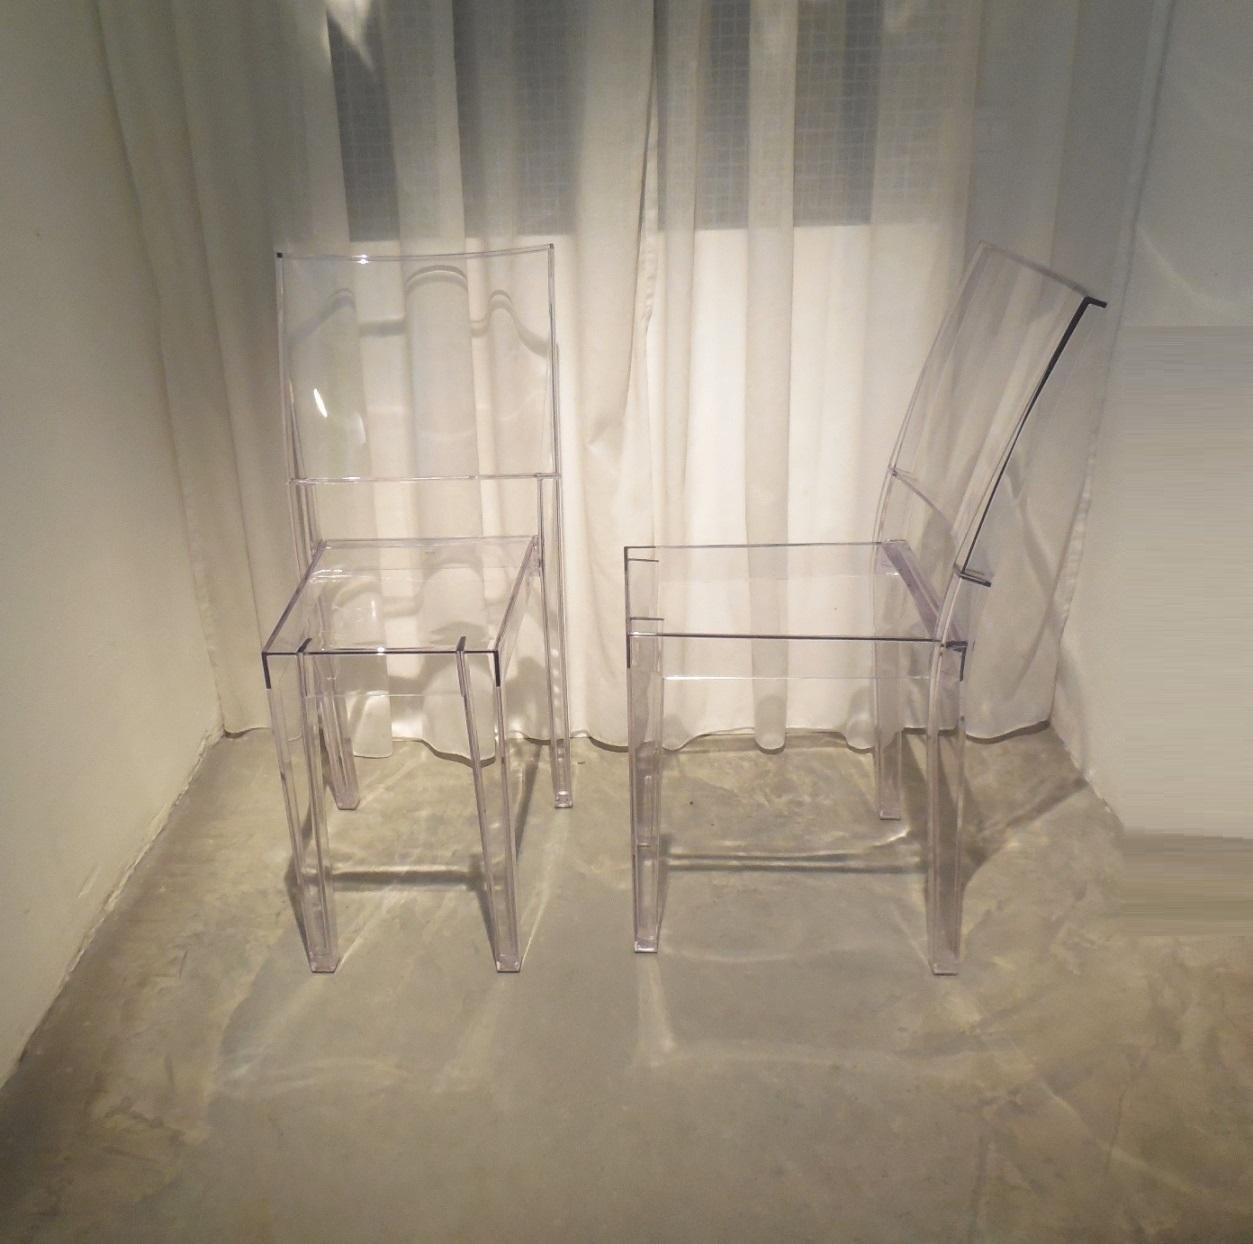 Sedia kartell la marie sedie design philippe stark for Sedie design kartell